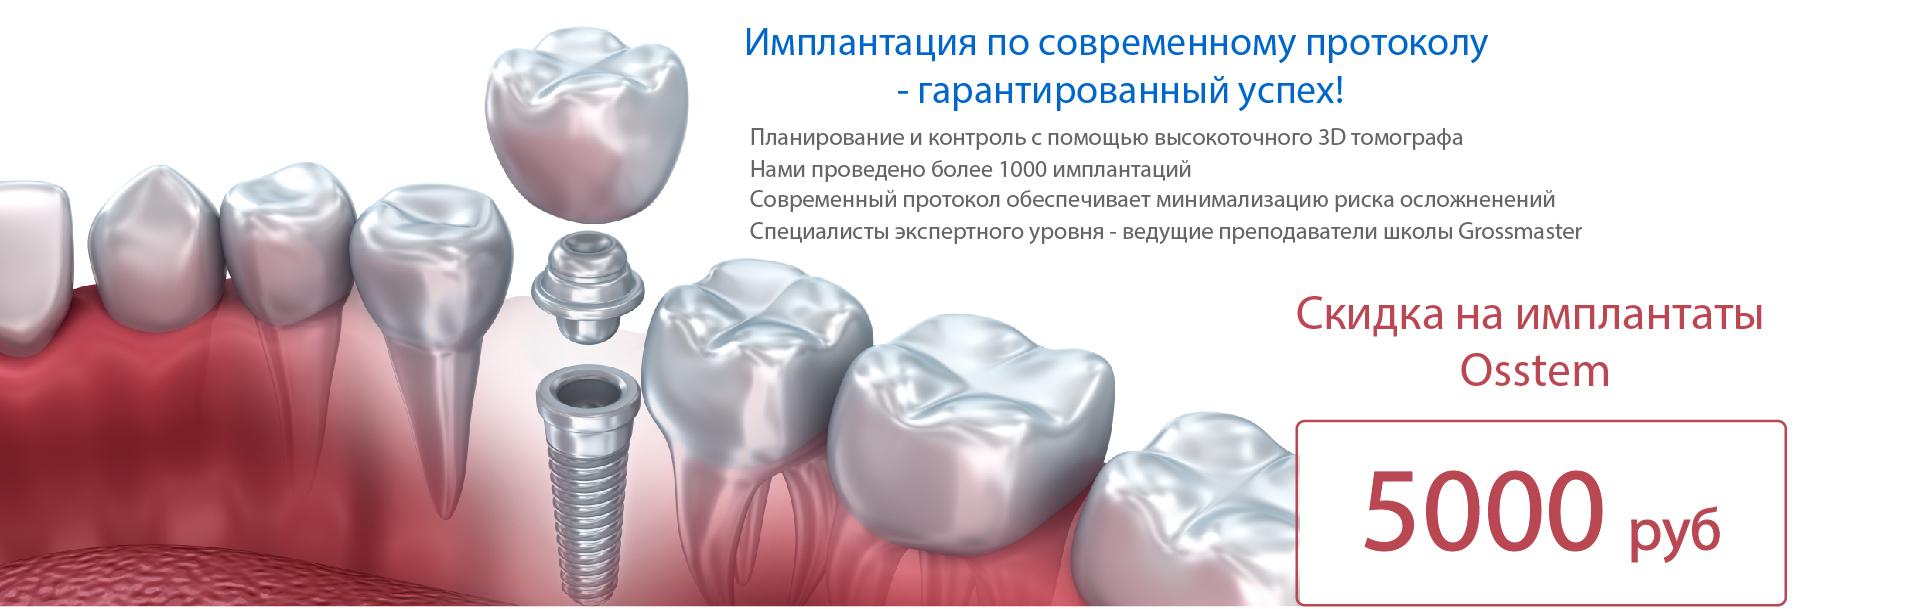 Центры пластической хирургии вакансии второй национальный конгресс пластическая хирургия